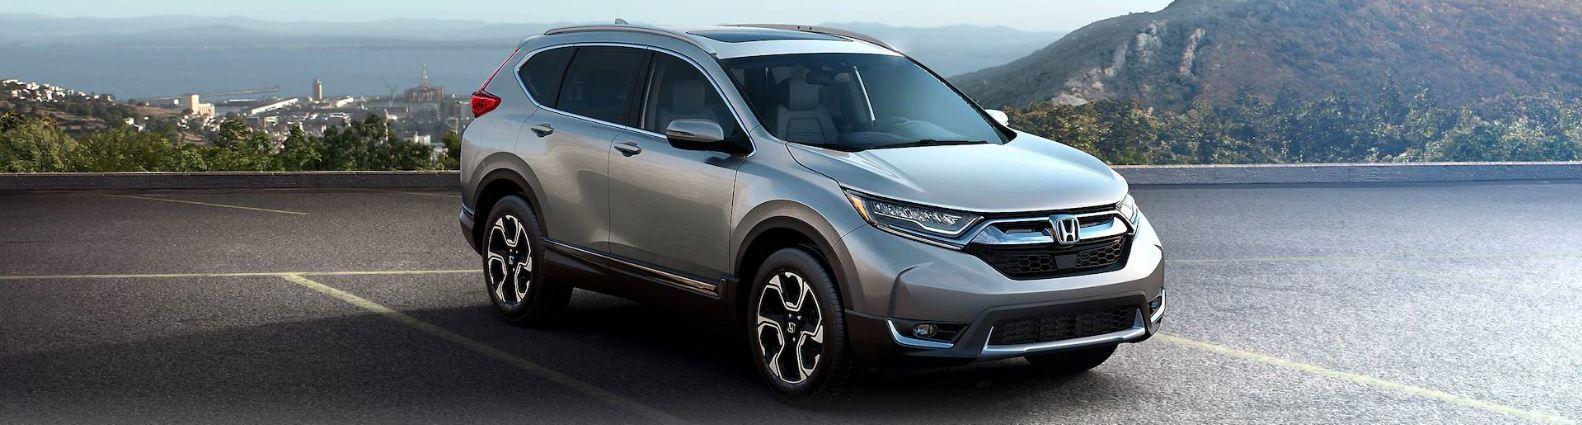 2019 Honda CR-V Leasing in Dover, DE